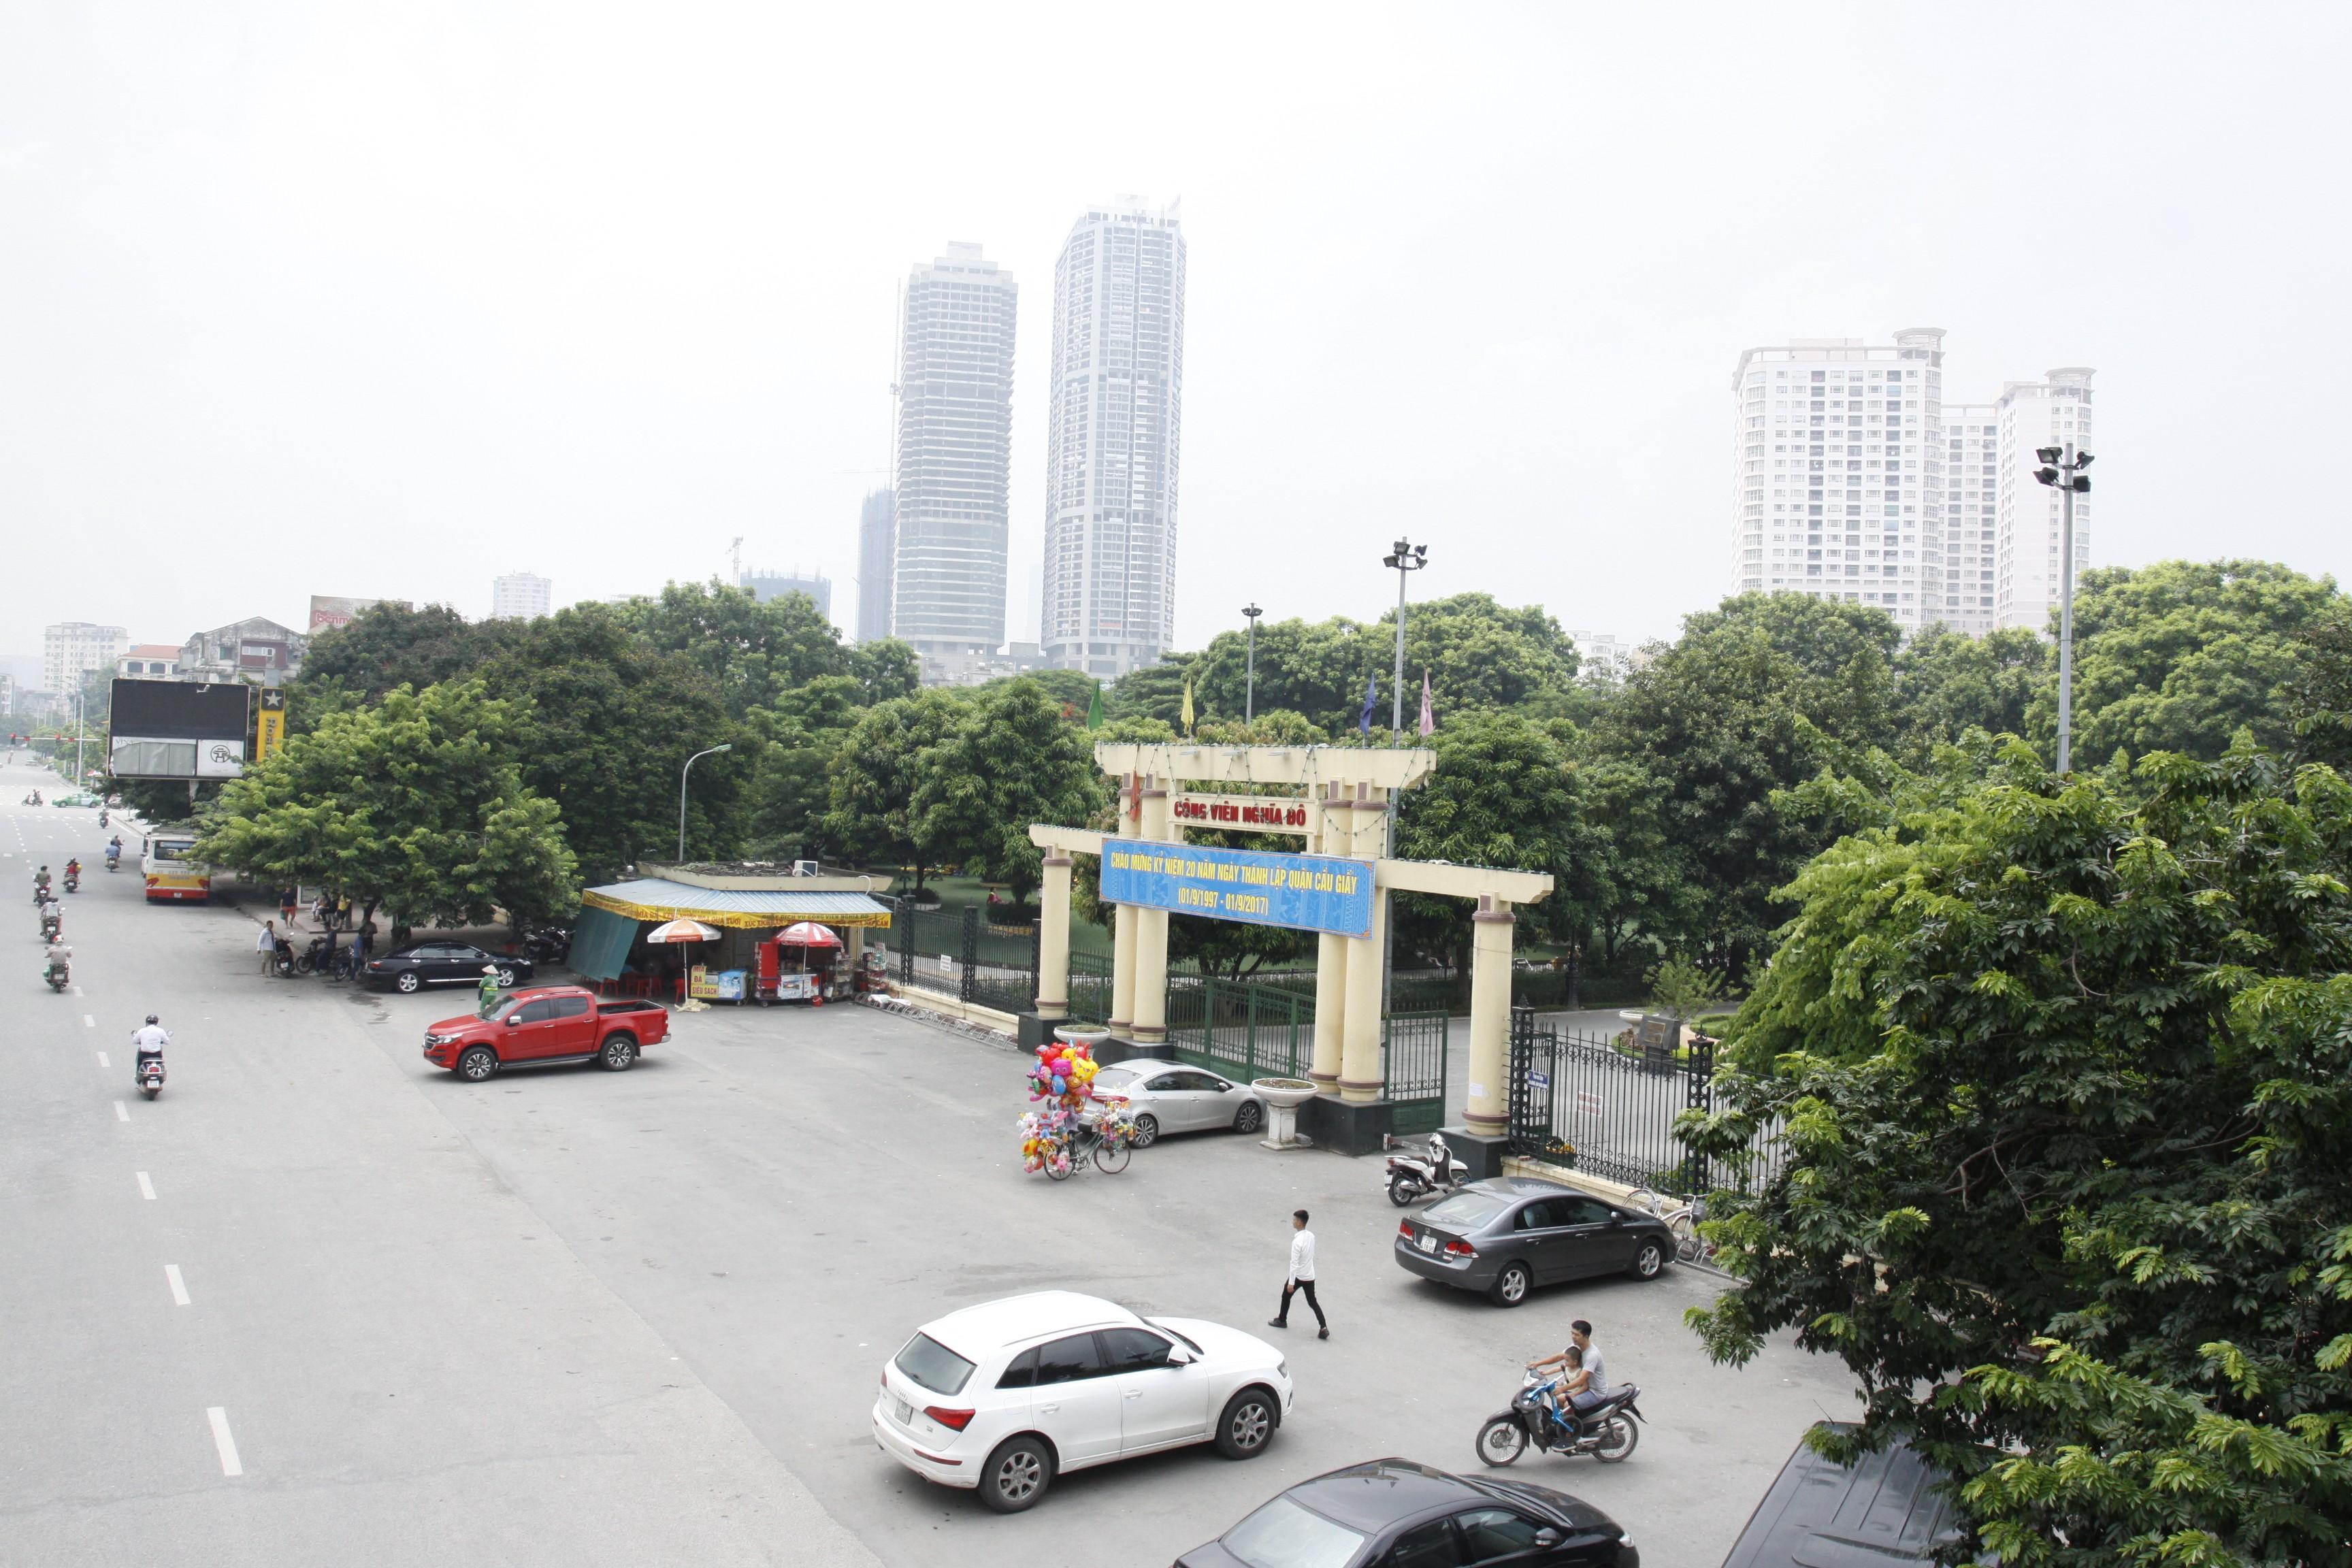 Cần biết - Quận Cầu Giấy, Hà Nội: Sức bật tuổi 20 (Hình 11).